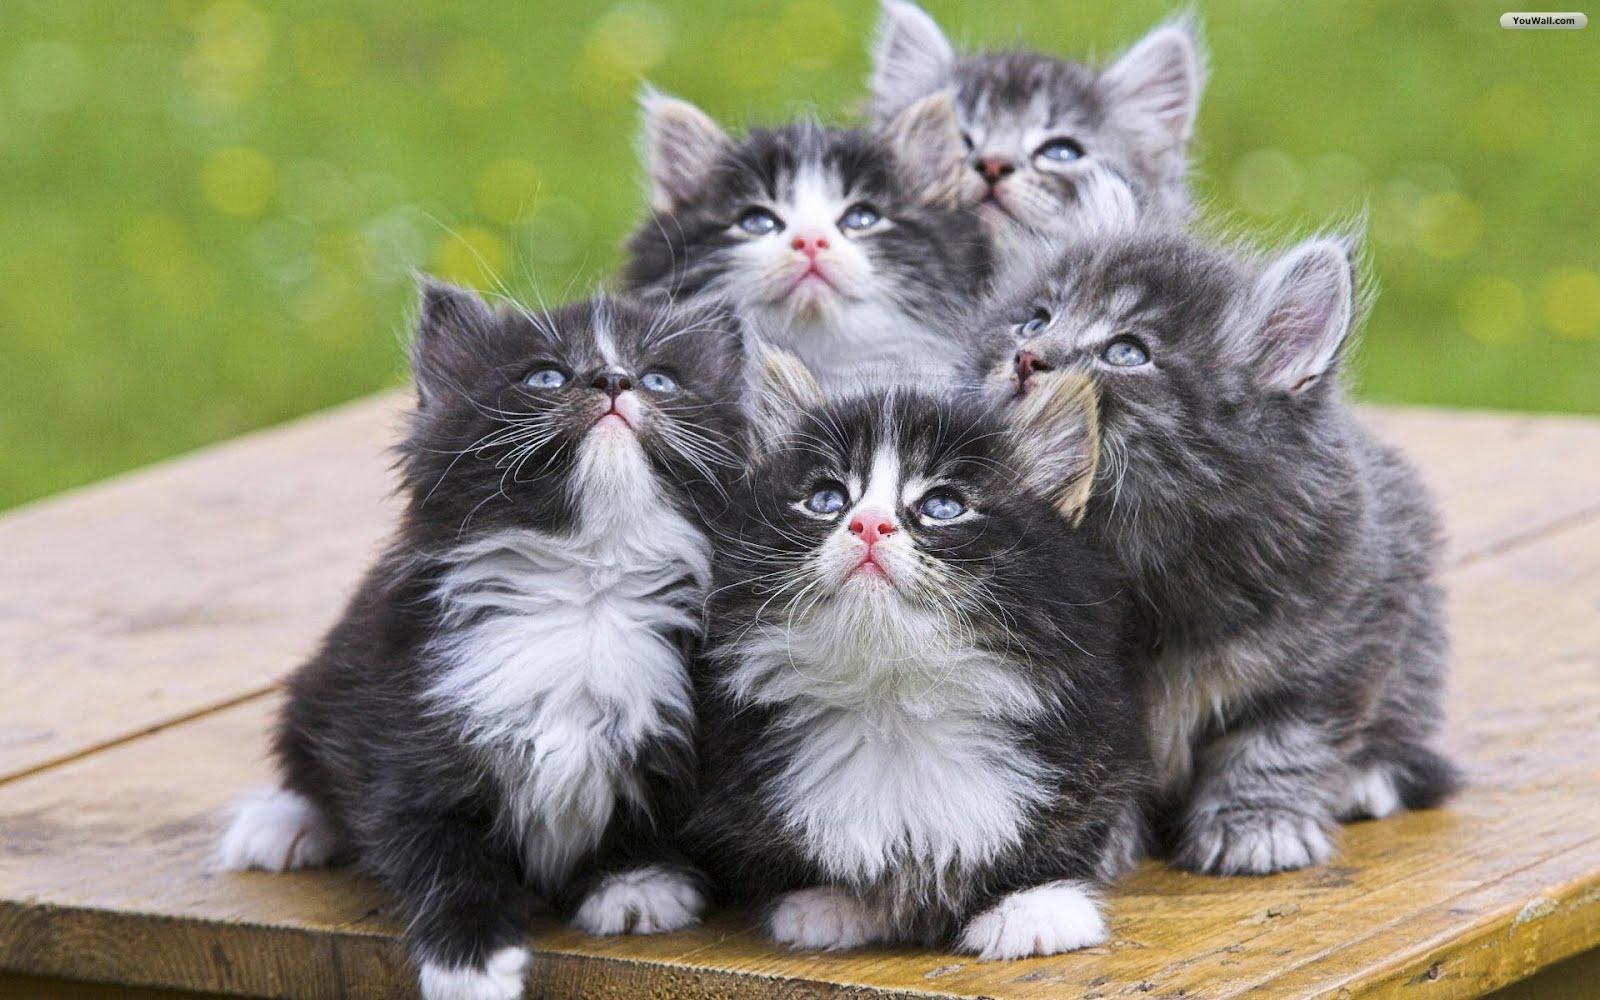 http://2.bp.blogspot.com/-BTURQoNX4bw/T0DMHbjaFlI/AAAAAAAAAm0/hKBB1sxG1Rc/s1600/cute_little_cats_wallpaper_ce5e9.jpg